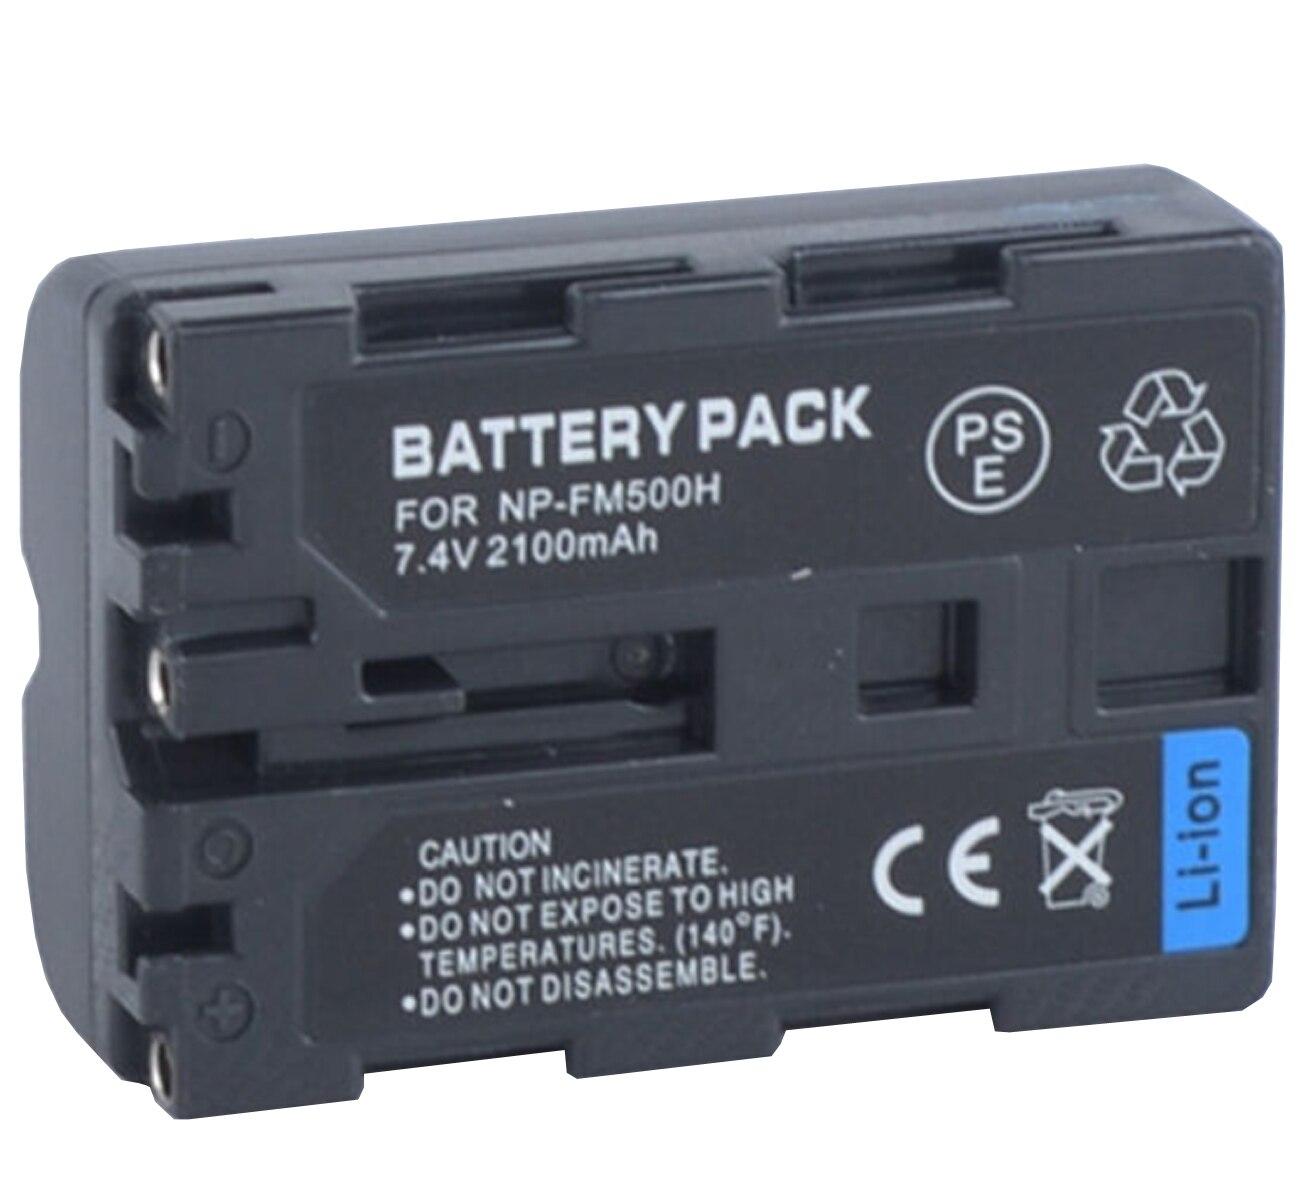 Paquete de baterías para Sony Alpha DSLR-A560, DSLR-A560L, DSLR-A580, DSLR-A700, DSLR-A700P, DSLR-A700H,...